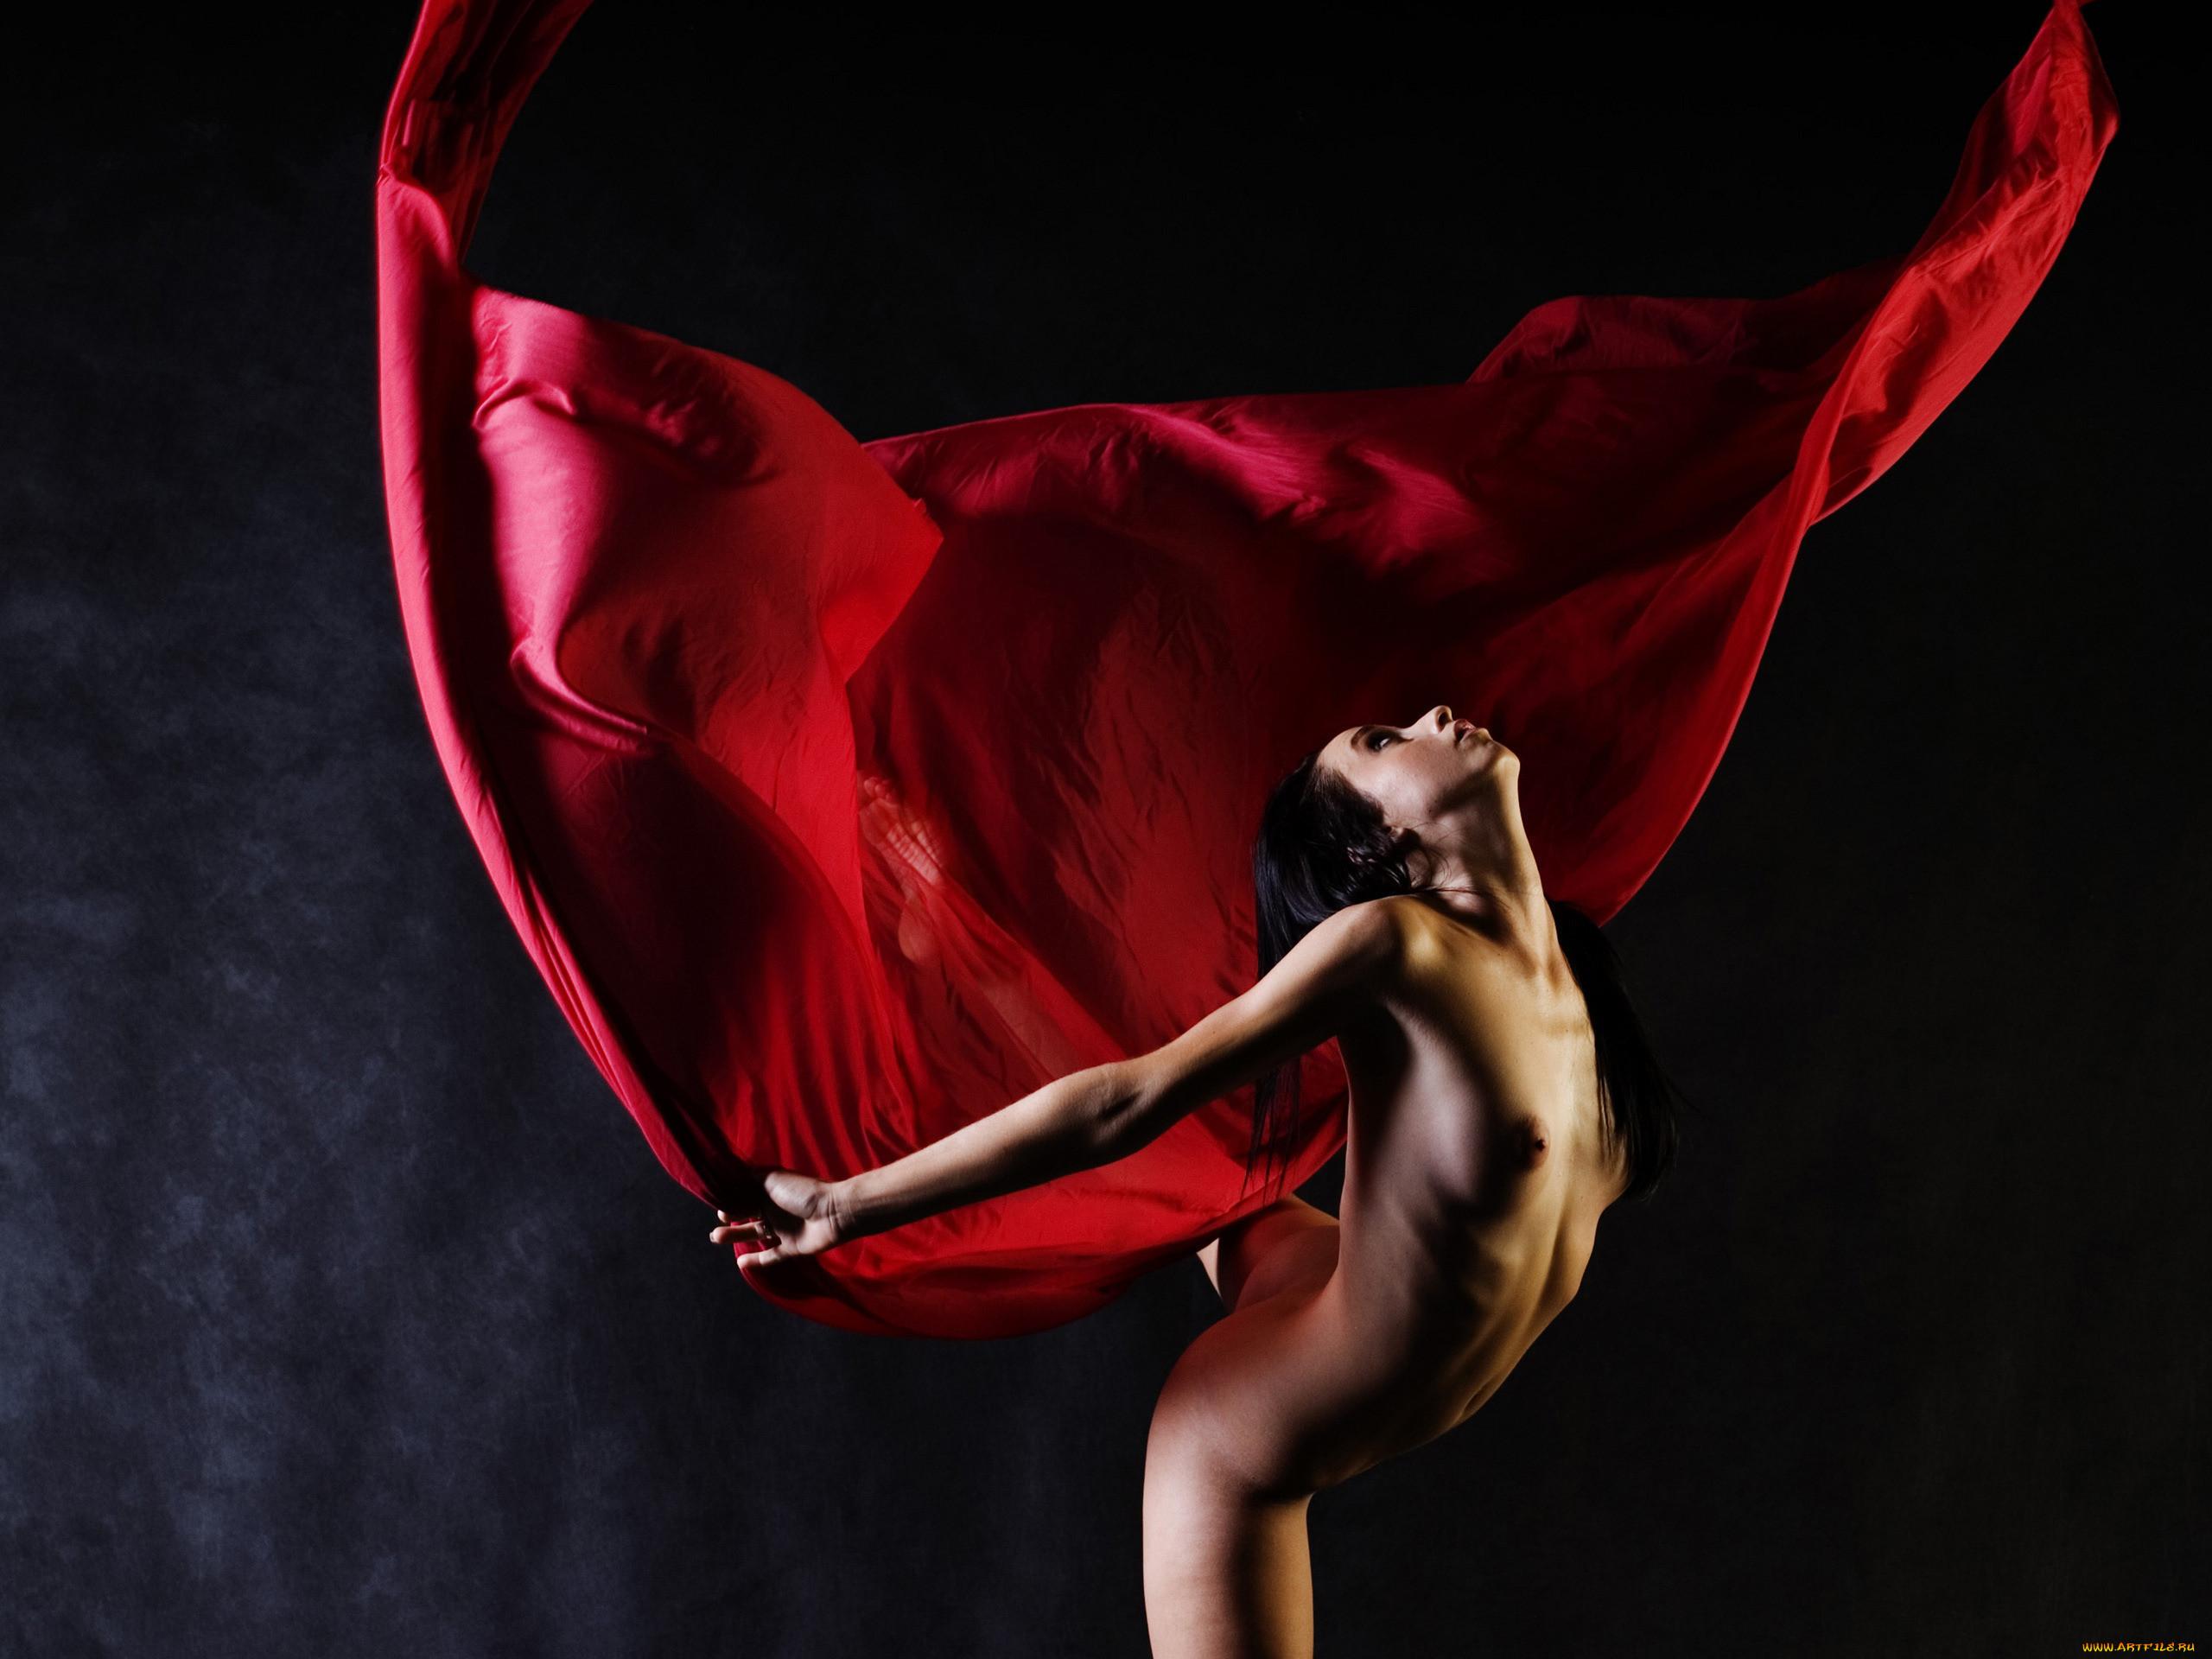 Танцующие красивые голые девушки 15 фотография